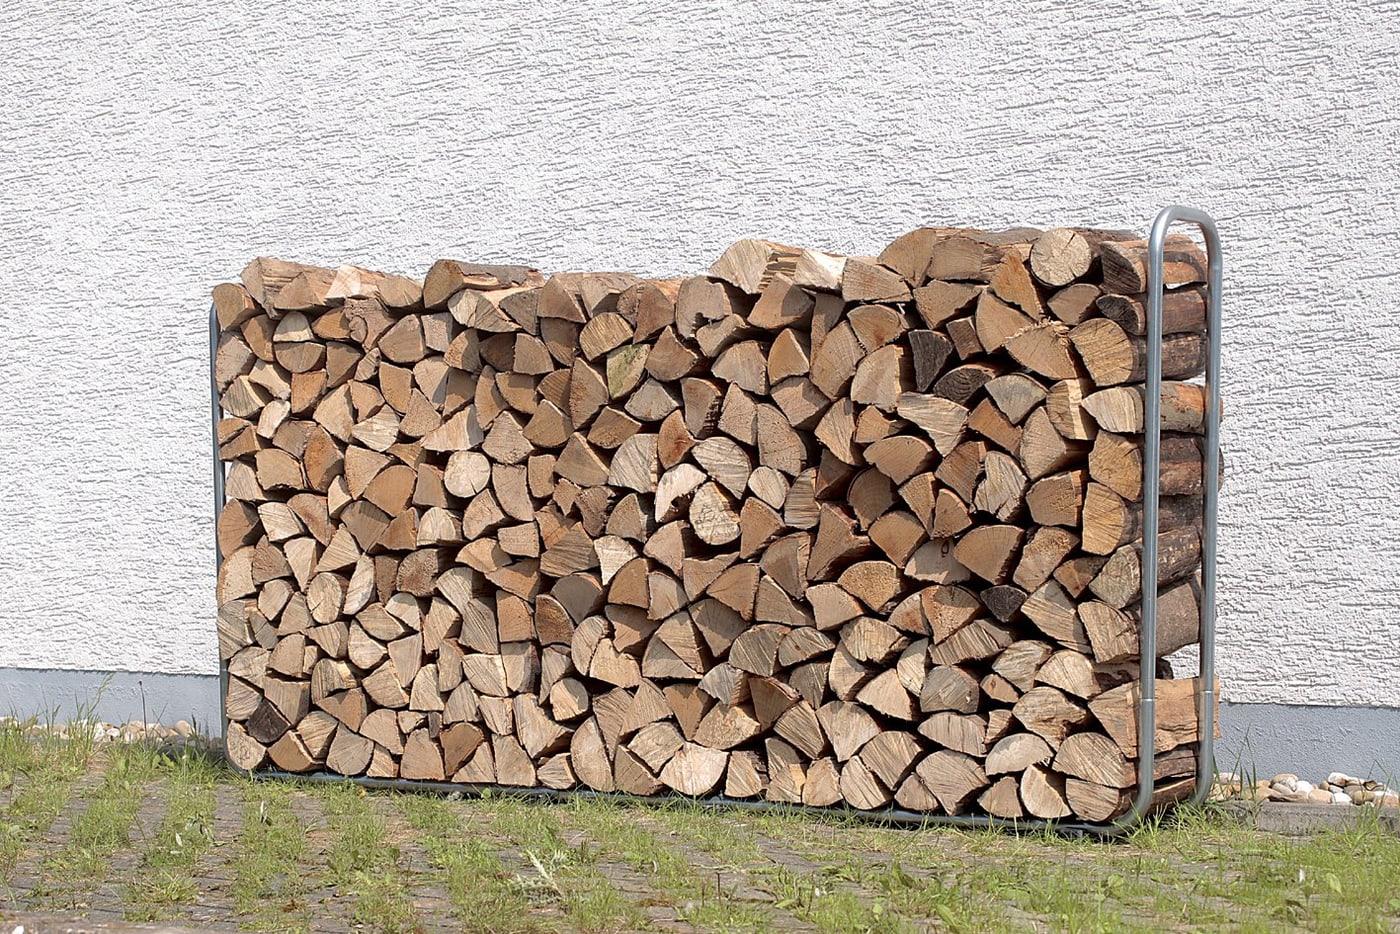 stapelhilfe für brennholz | migros, Wohnzimmer